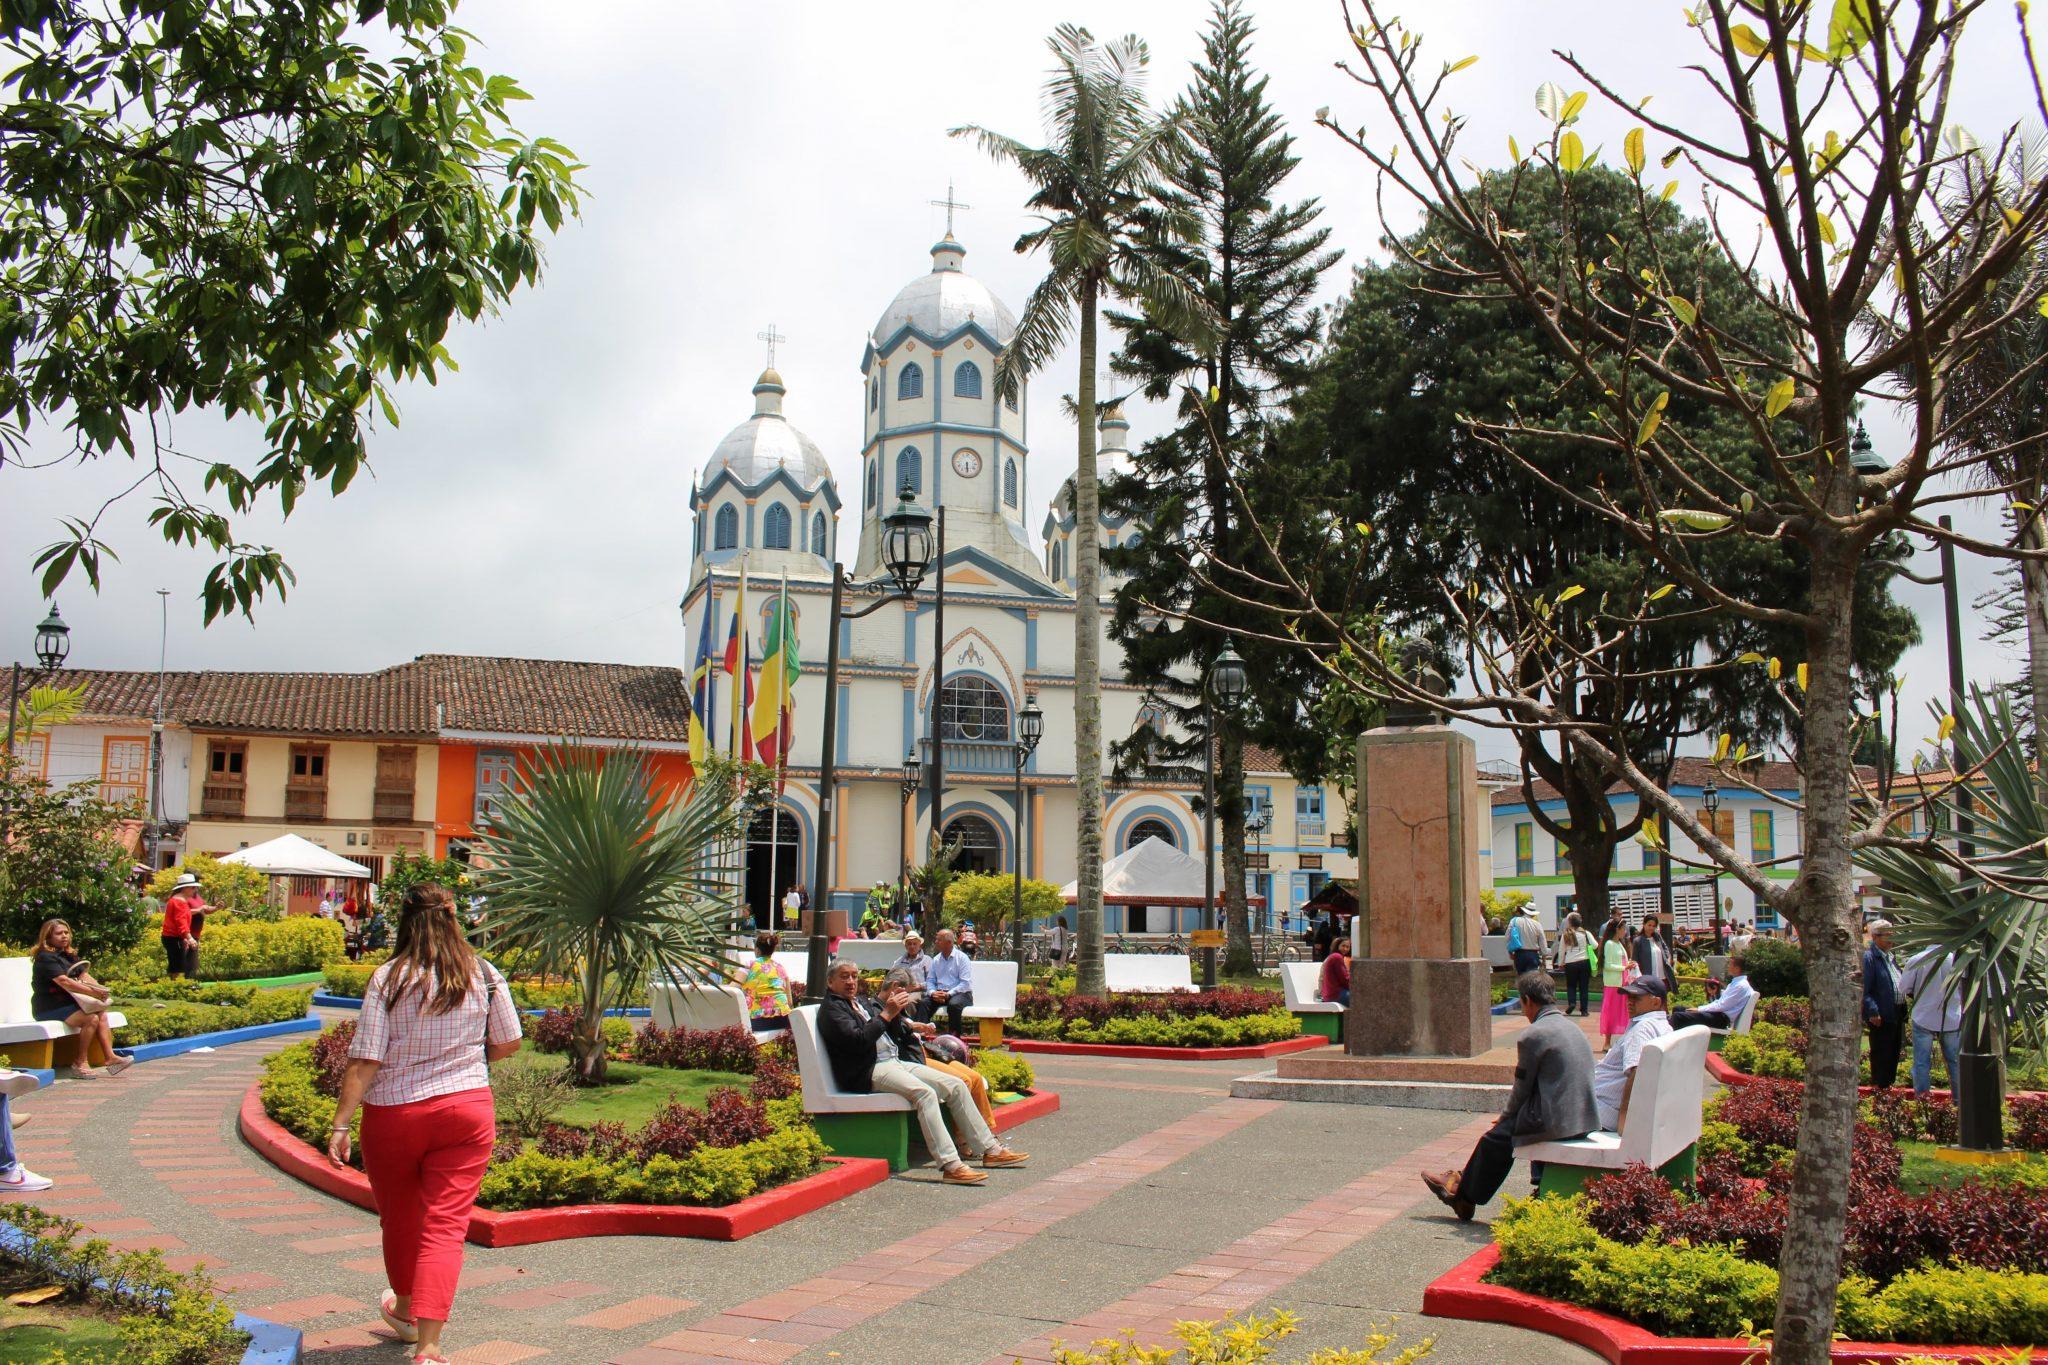 Filandia plein Colombia